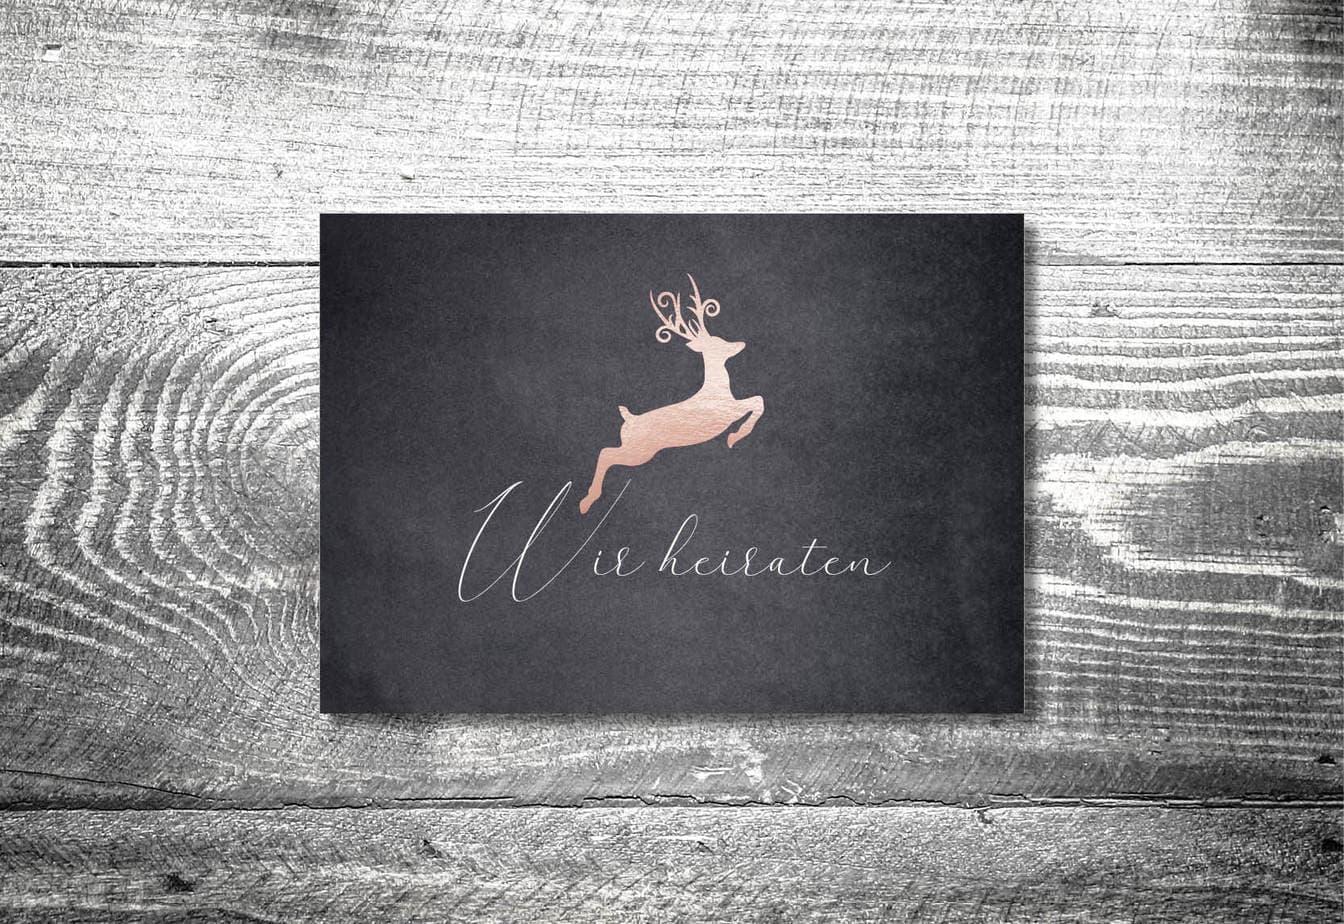 kartlerei karten drucken hochzeitseinladung heiraten bayrisch heimatgefuehl hirsch rosegold einladung - Hochzeitskarten Set